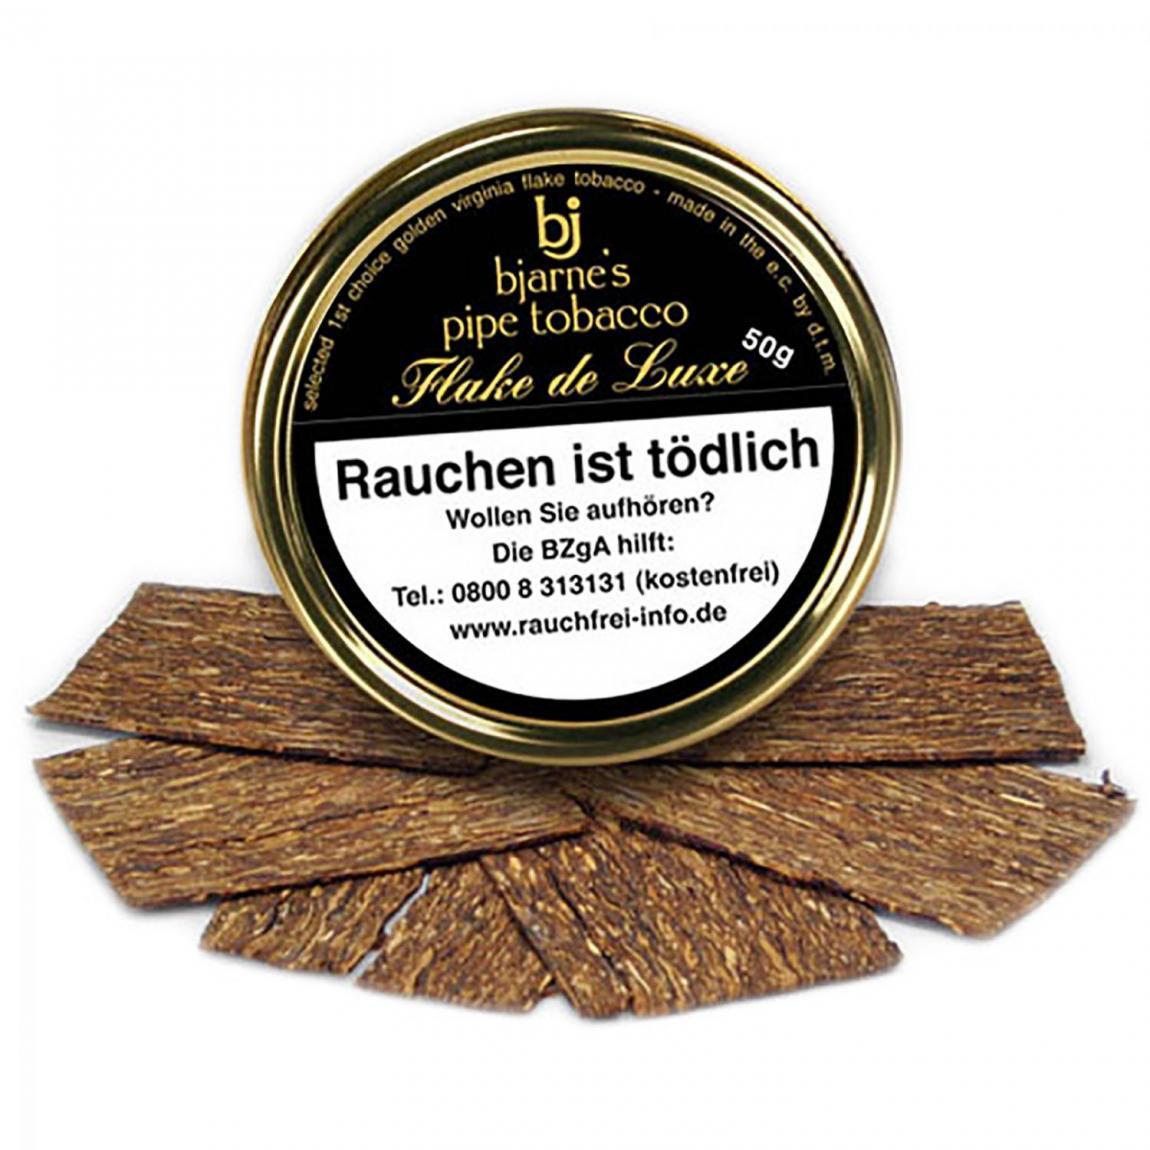 bjarne's pipe tobacco Flake de Luxe 50g Dose